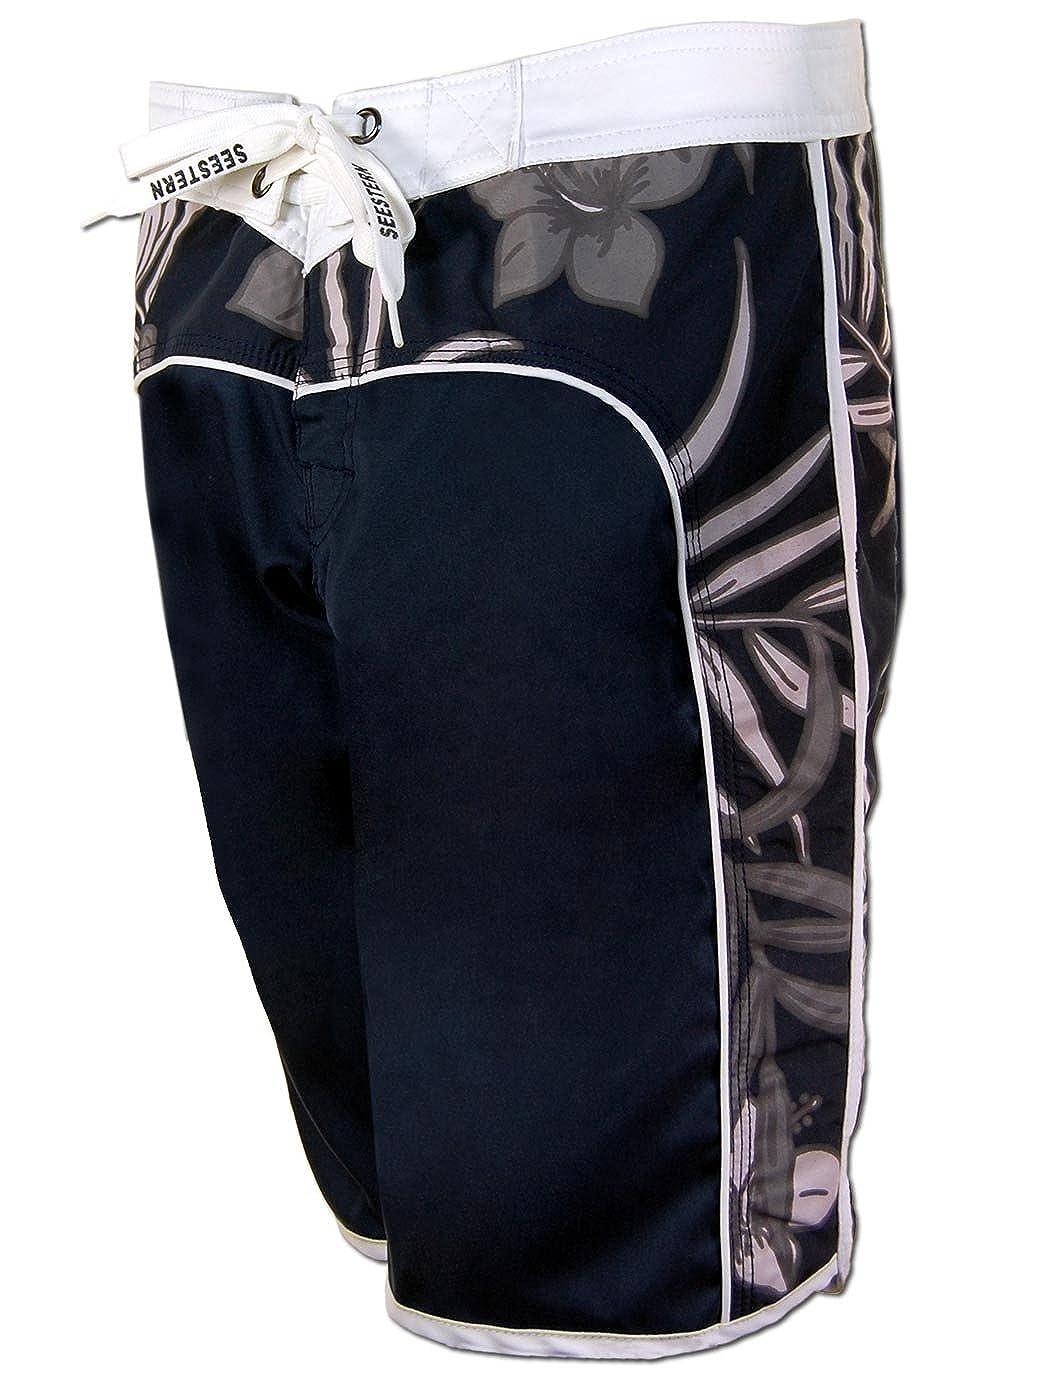 SEESTERN Damen Boardshorts Surfshorts Boardshort Surf Short Bade Shorts XS-XXL